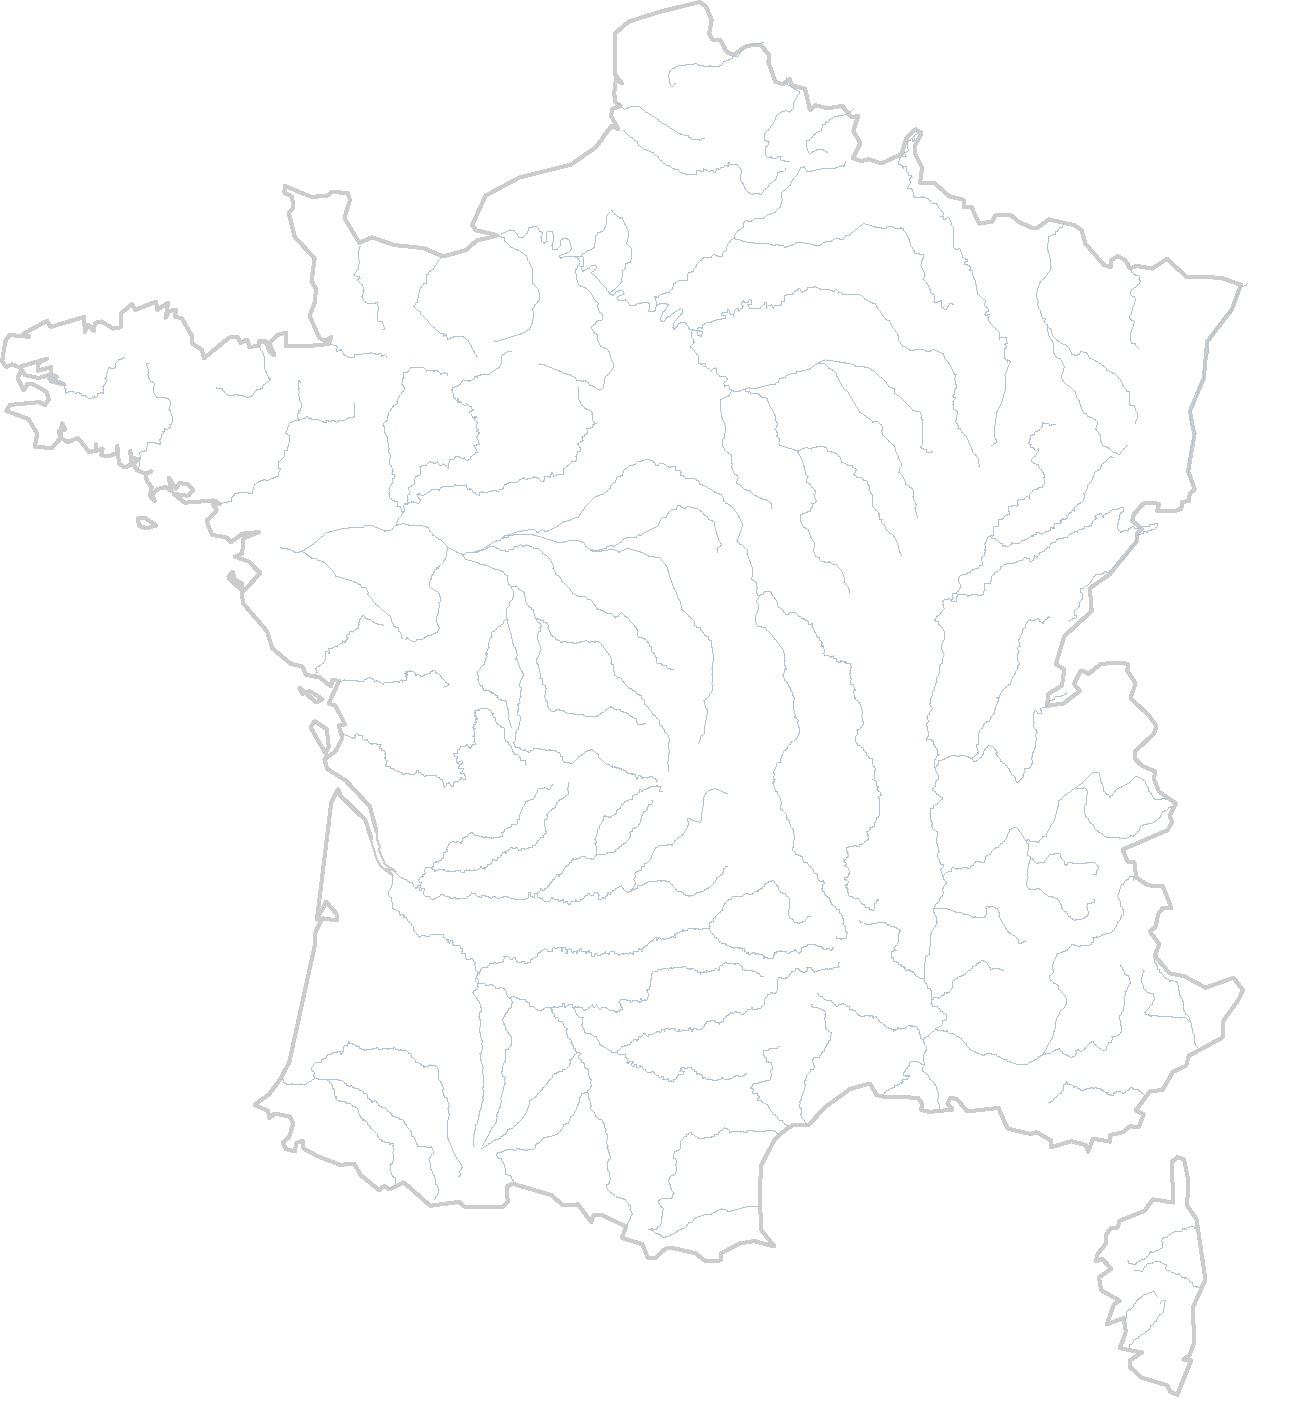 Cartes Muettes De La France À Imprimer - Chroniques tout Carte De France A Imprimer